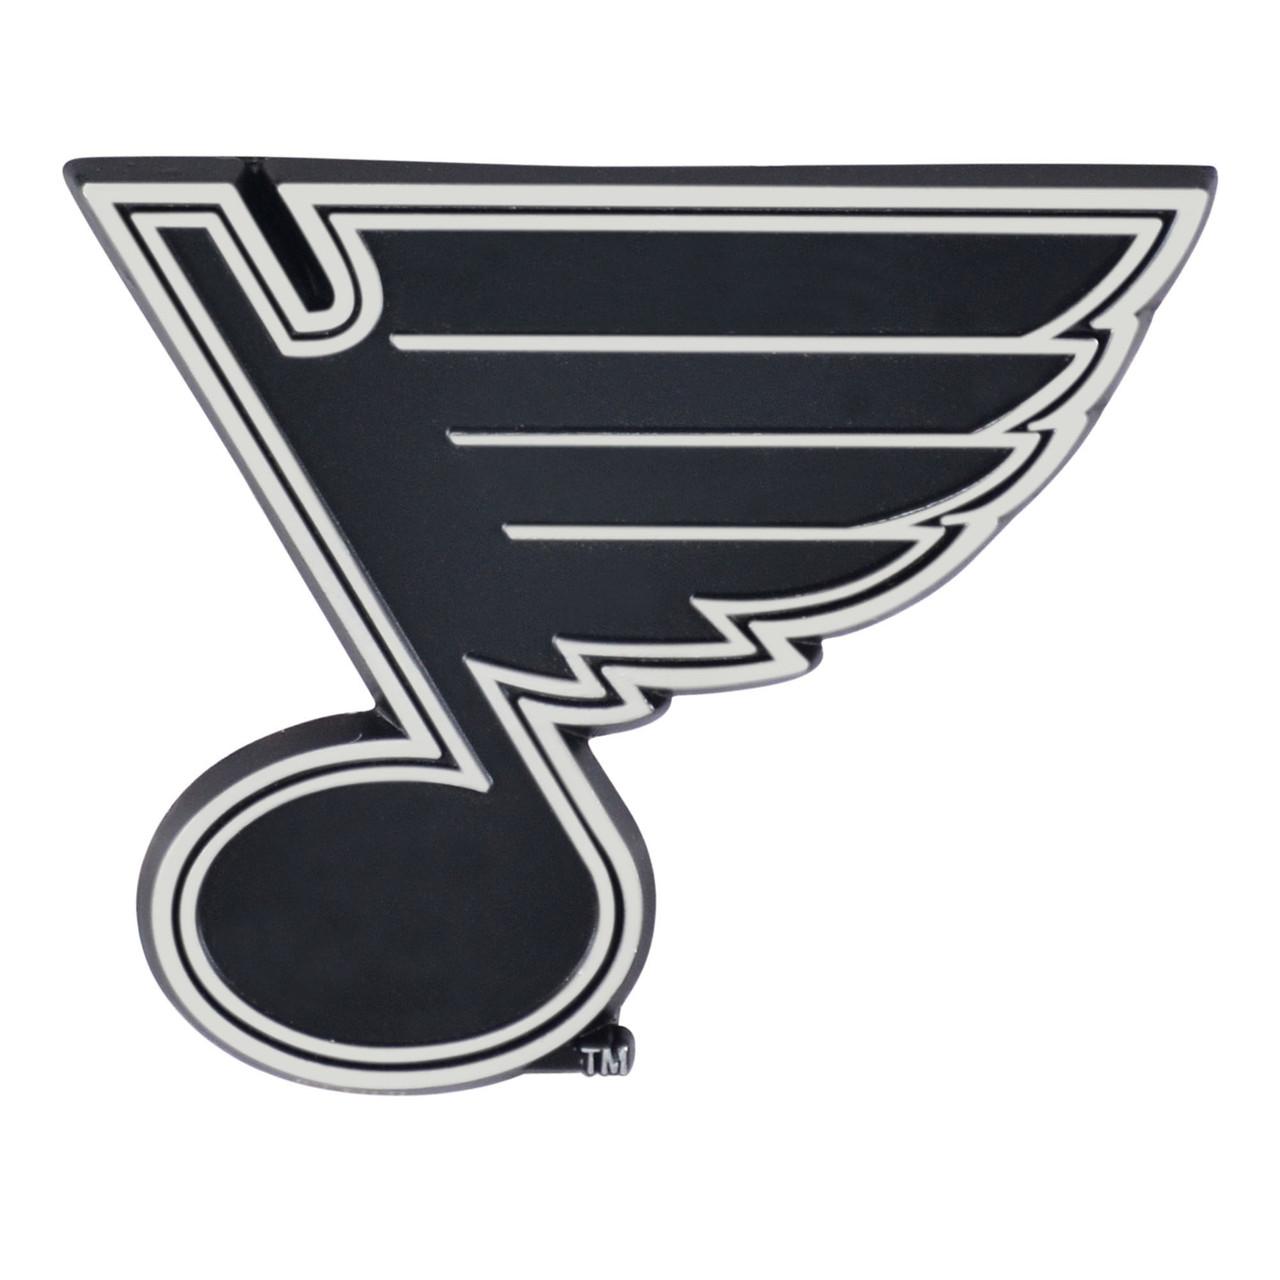 St. Louis Blues Auto Emblem Premium Metal Chrome Special Order